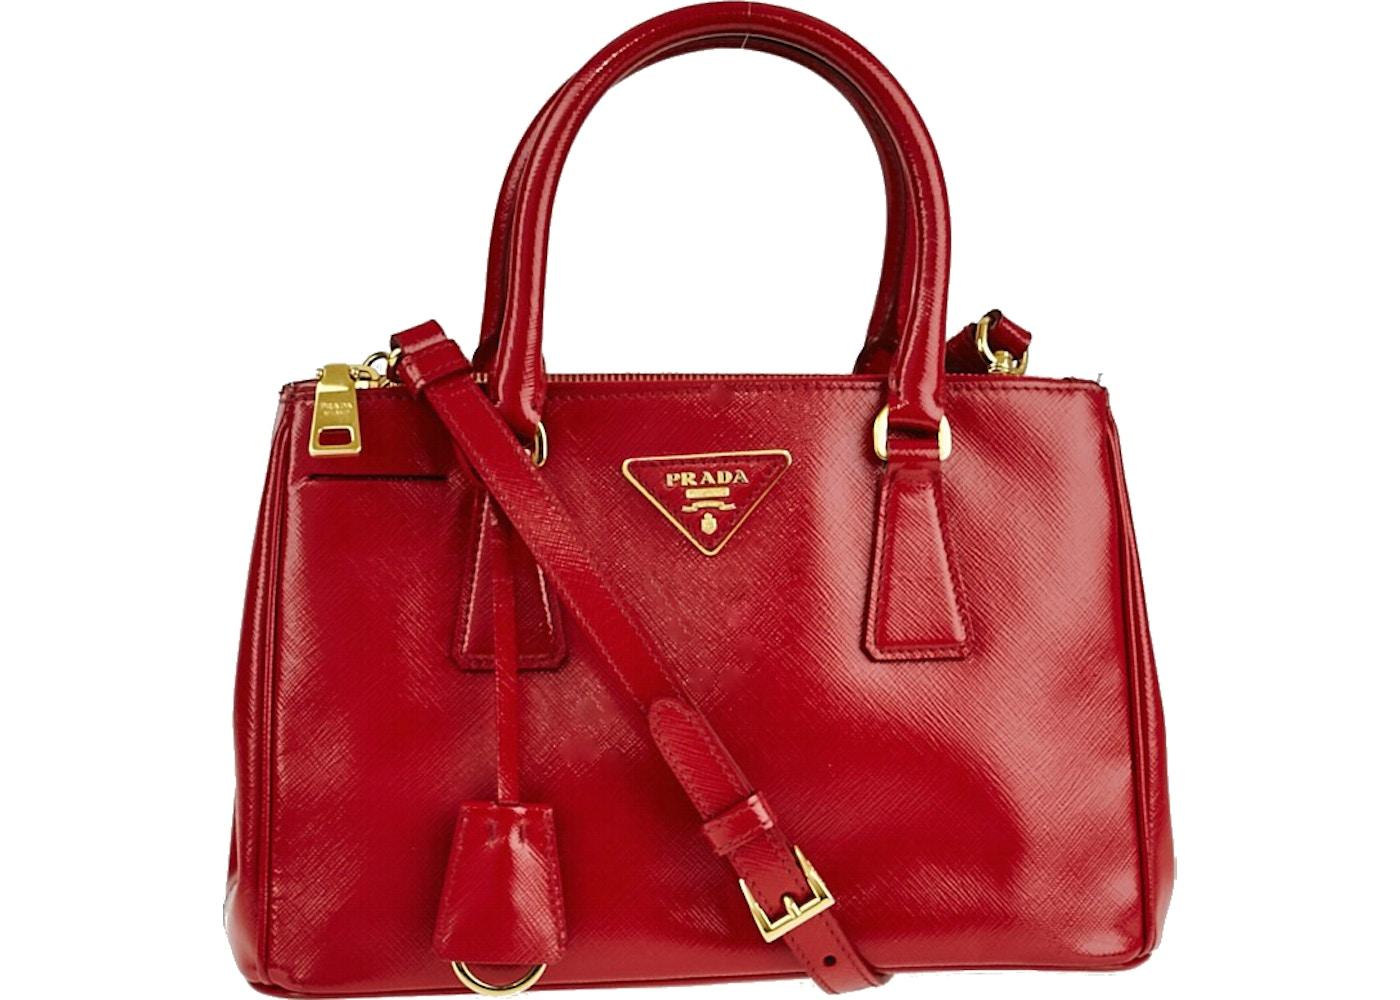 dcddb2f853465 Buy   Sell Prada Handbags - Price Premium